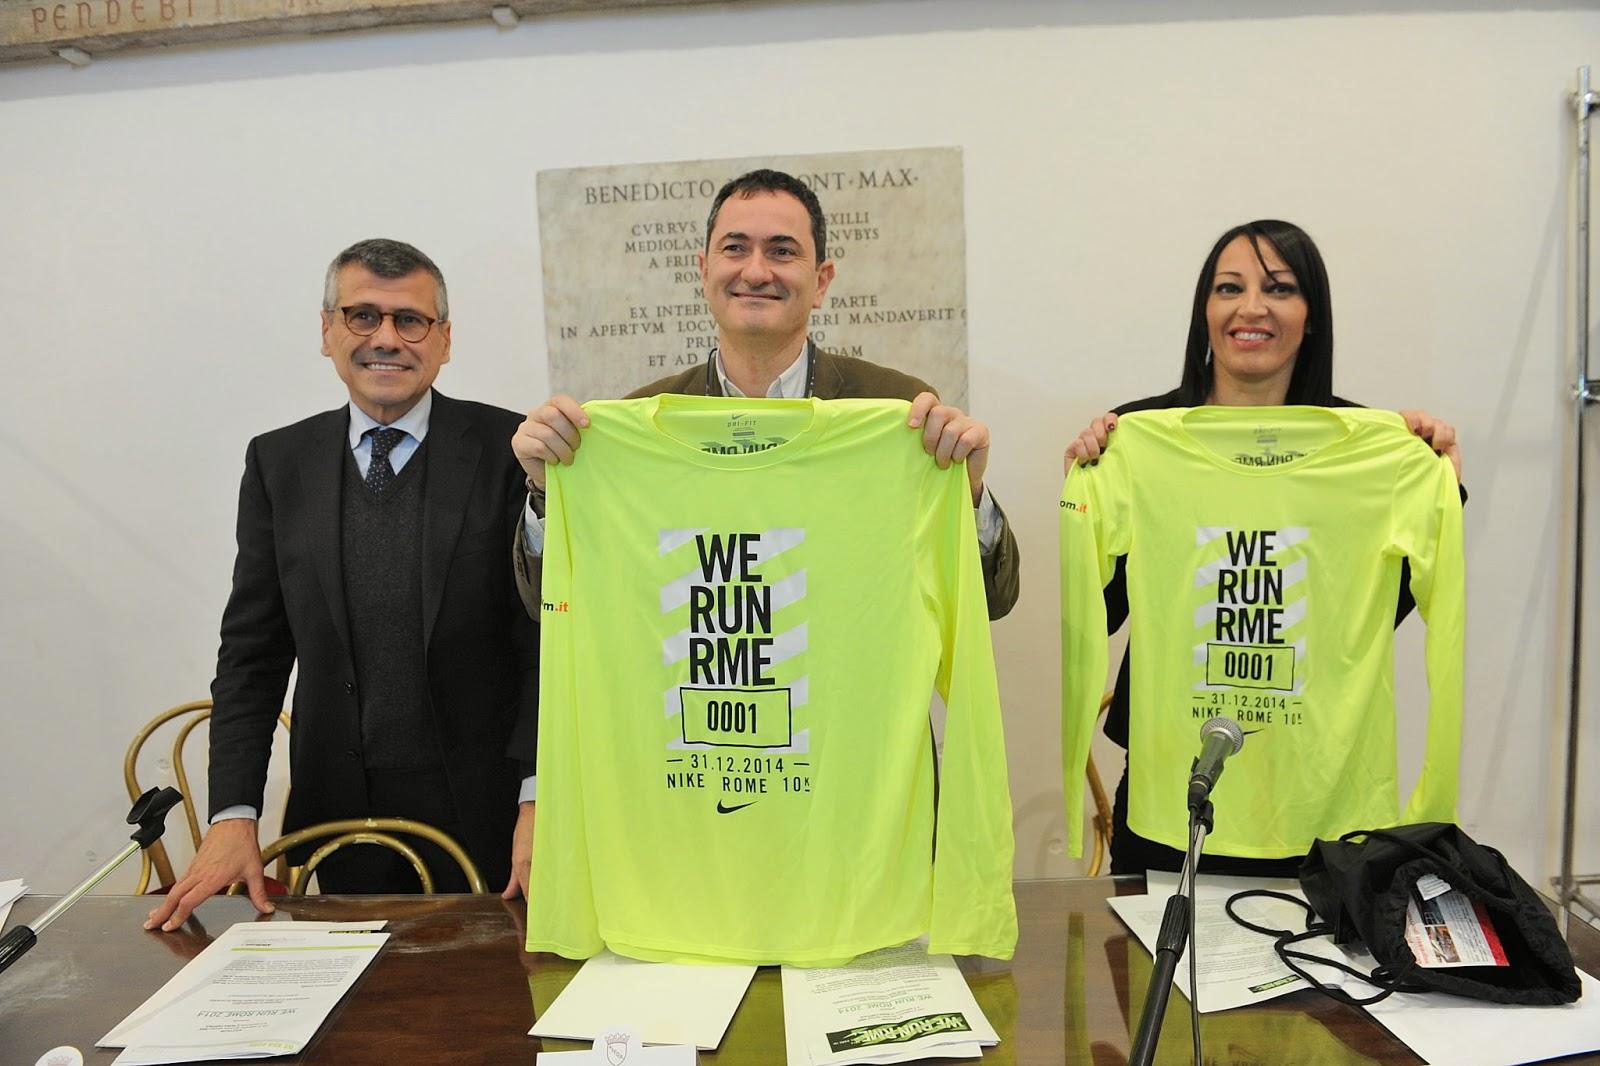 ATLETICA Incredibile: la Nike storpia il nome di Roma sopprimendo la O